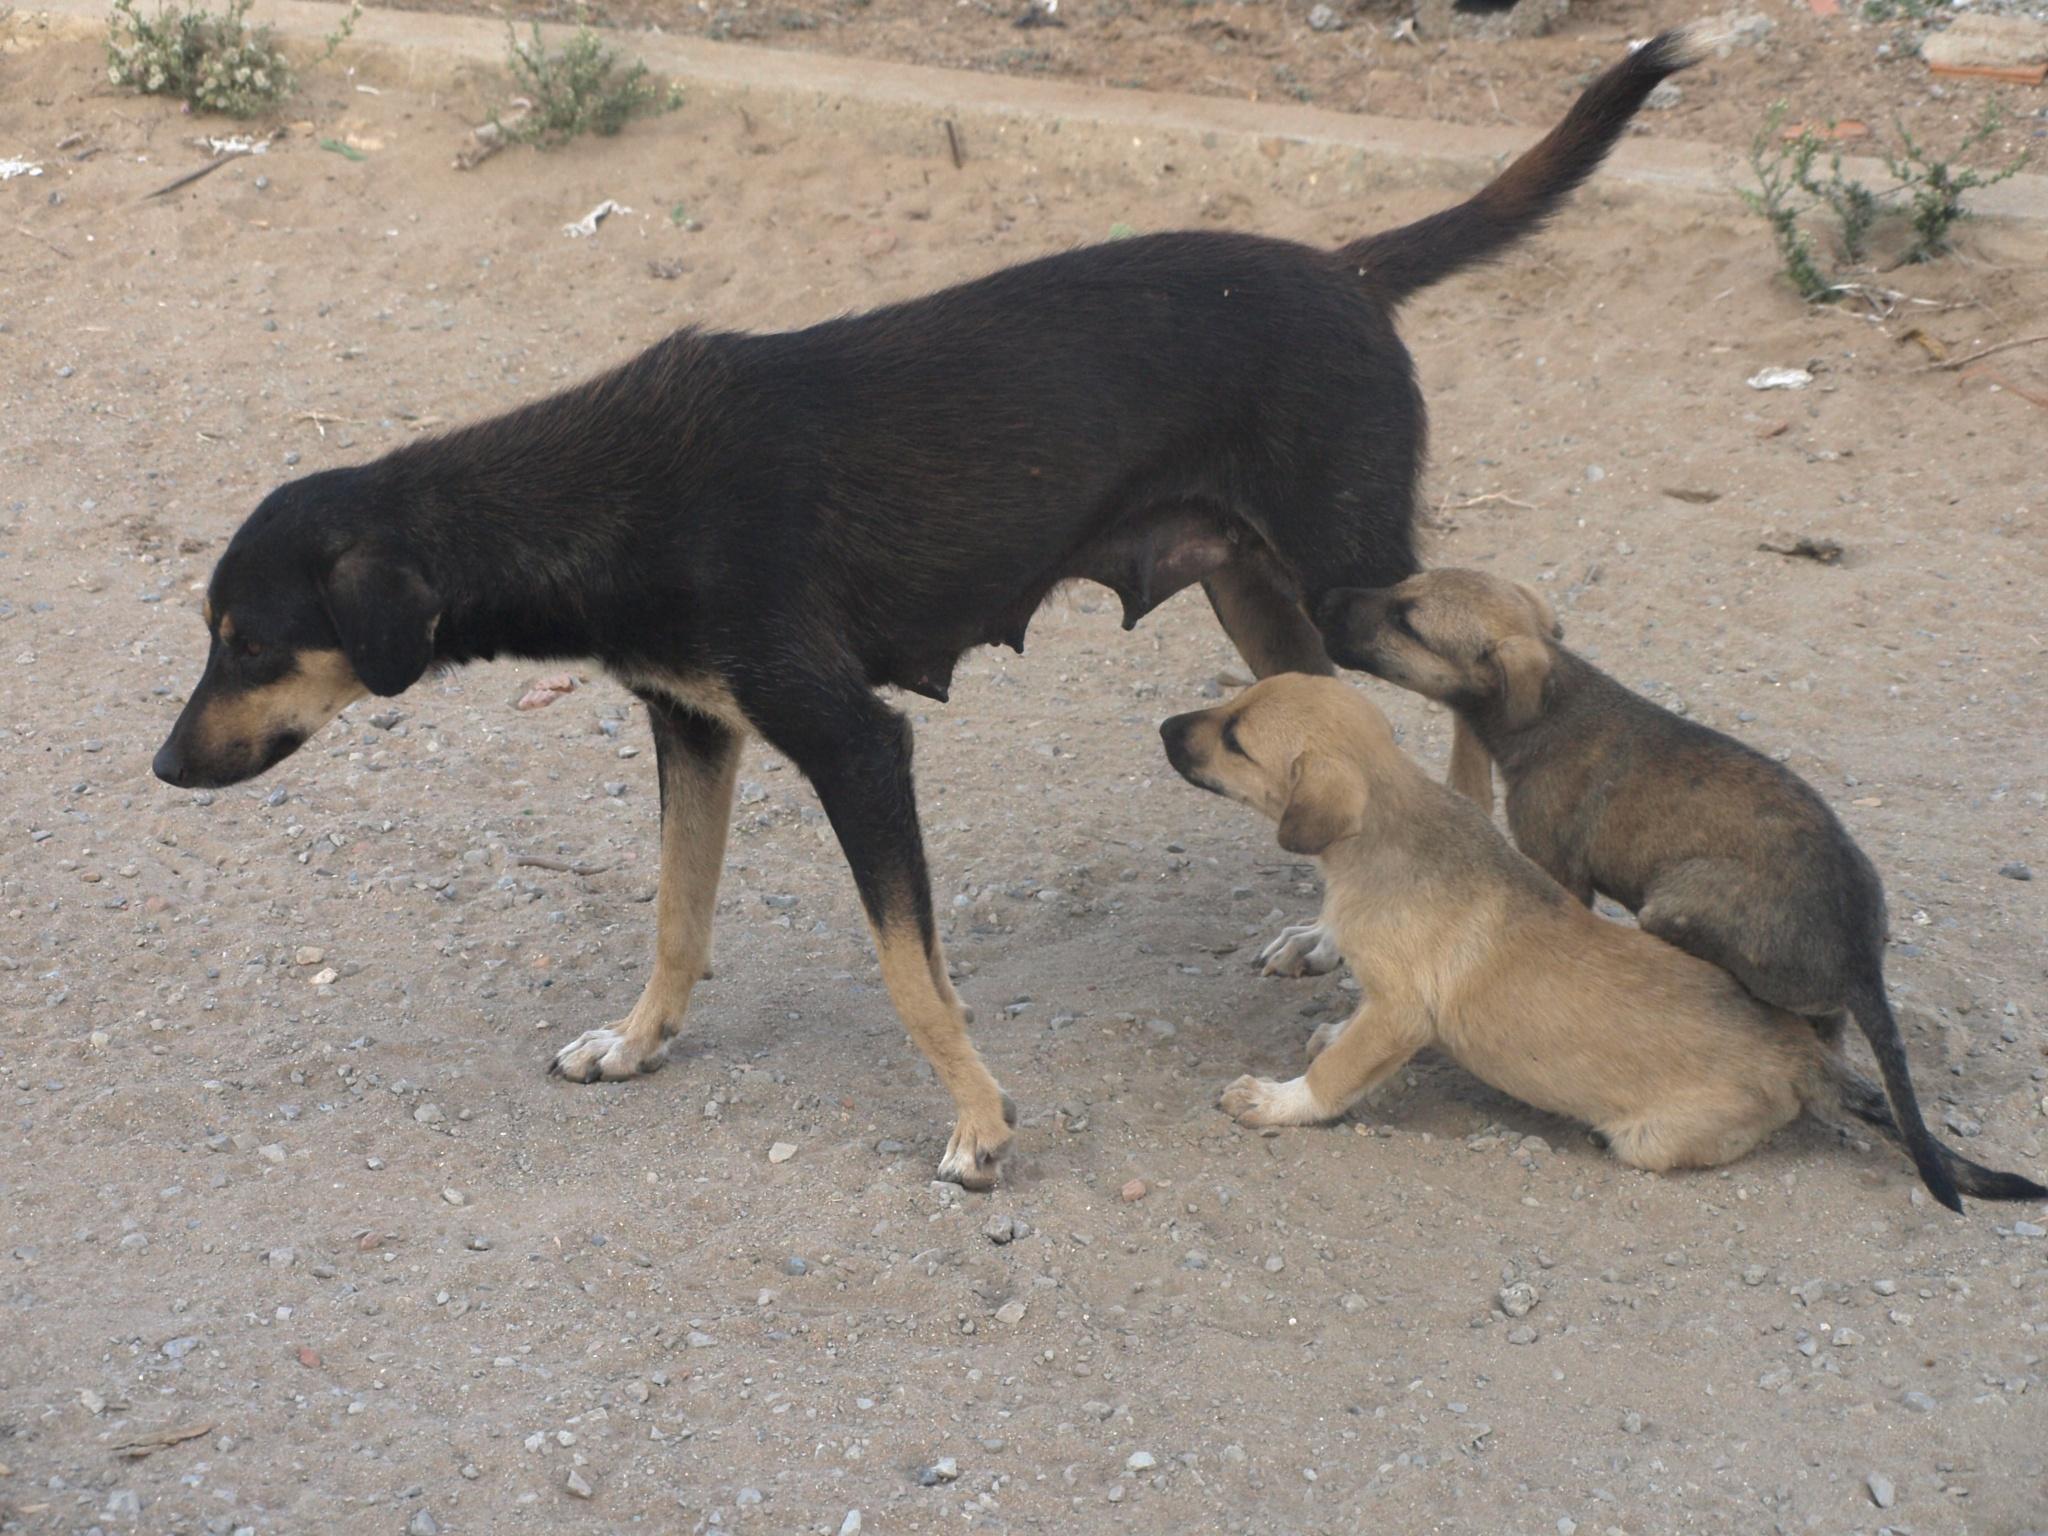 Dogs by Abdelghafour Ktiyeb